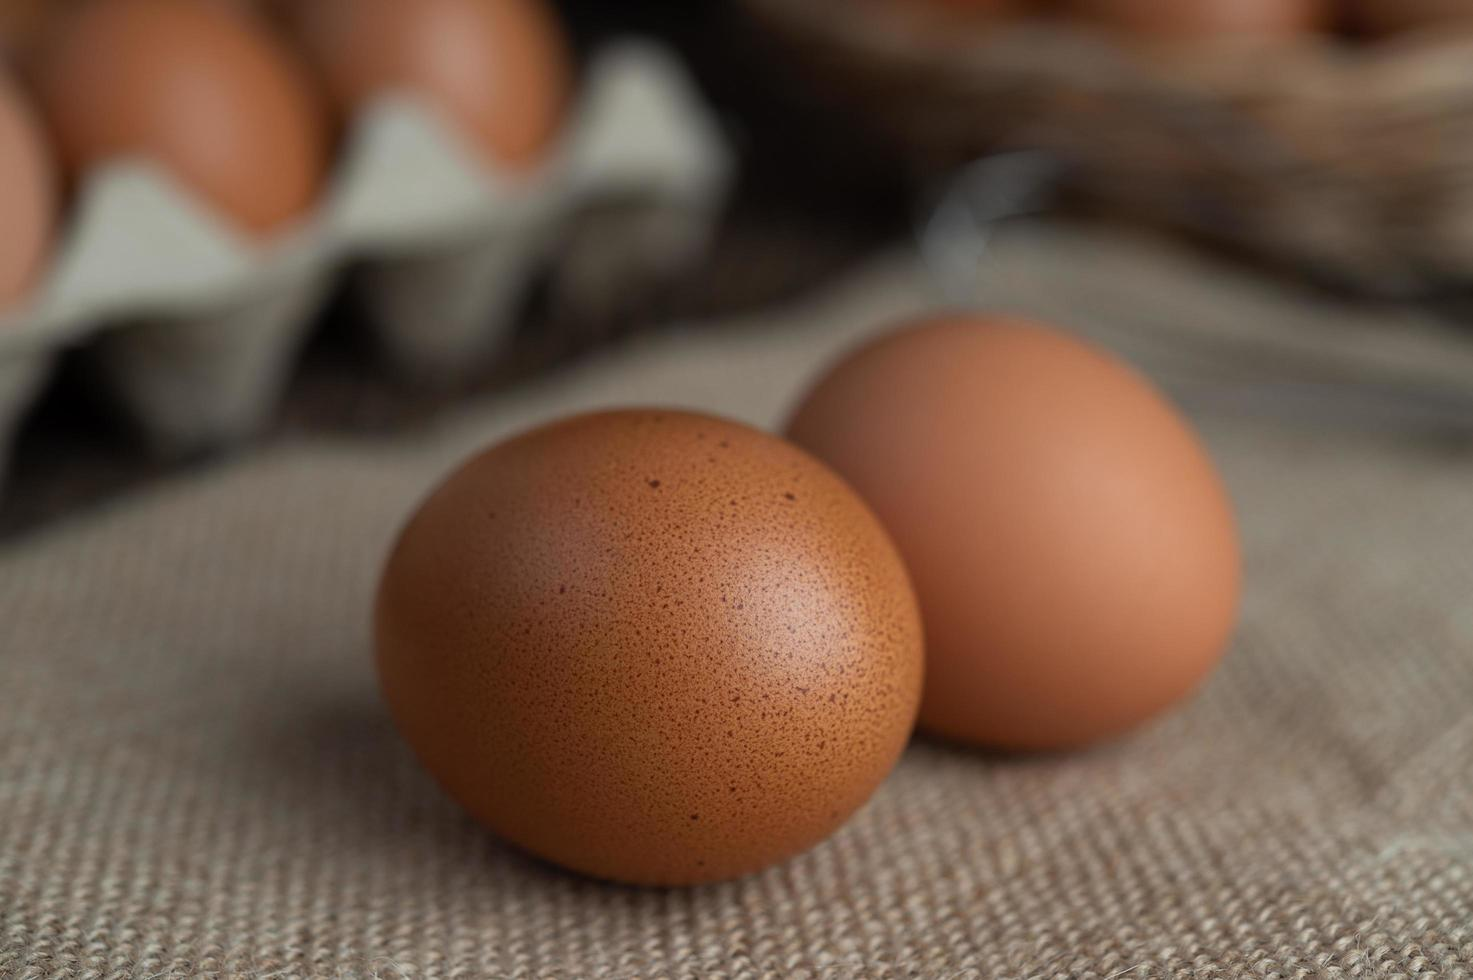 uova biologiche crude su un sacco di canapa foto